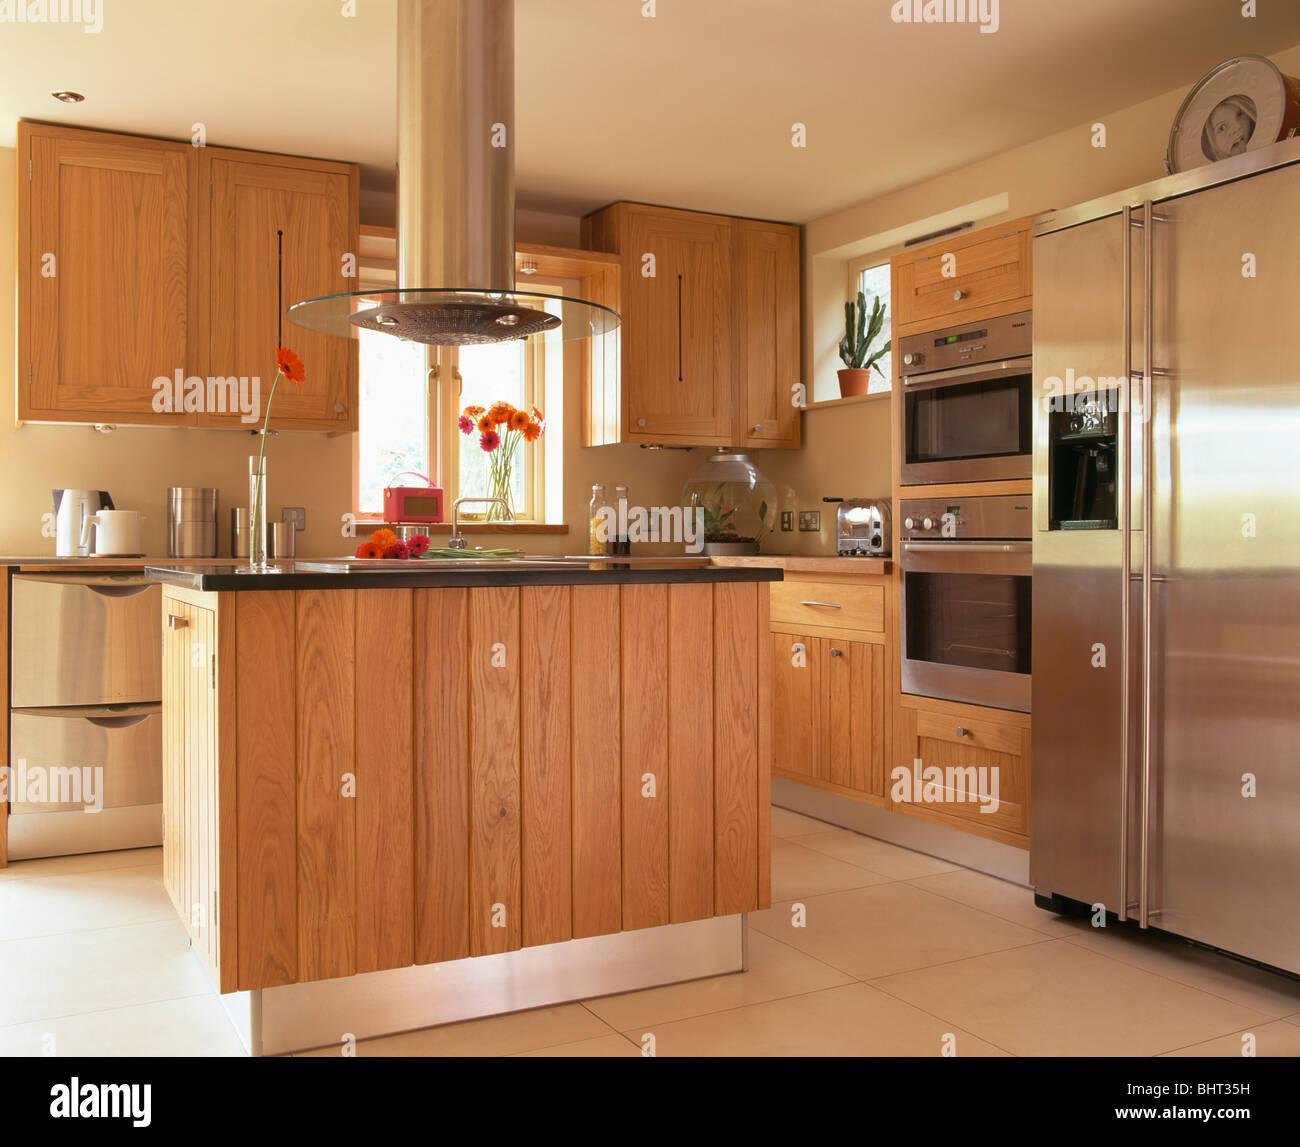 Acima Da Unidade De Ilha Do Extrator Na Cozinha Moderna Equipada Com